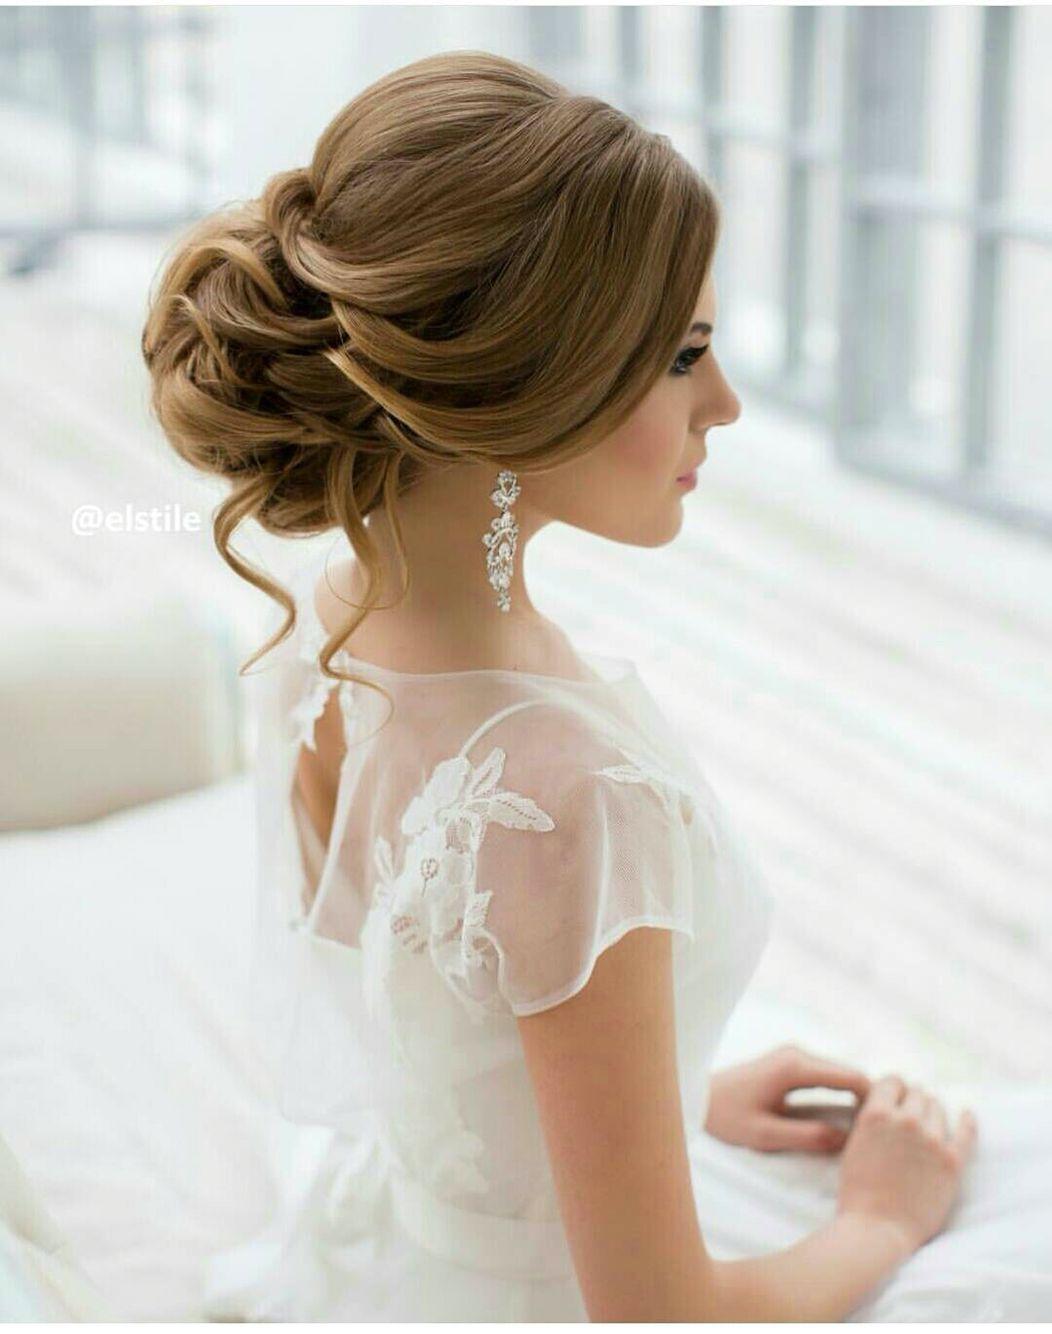 Pin by Nina Borrás de Bustamante on decoracion de boda | Pinterest ...